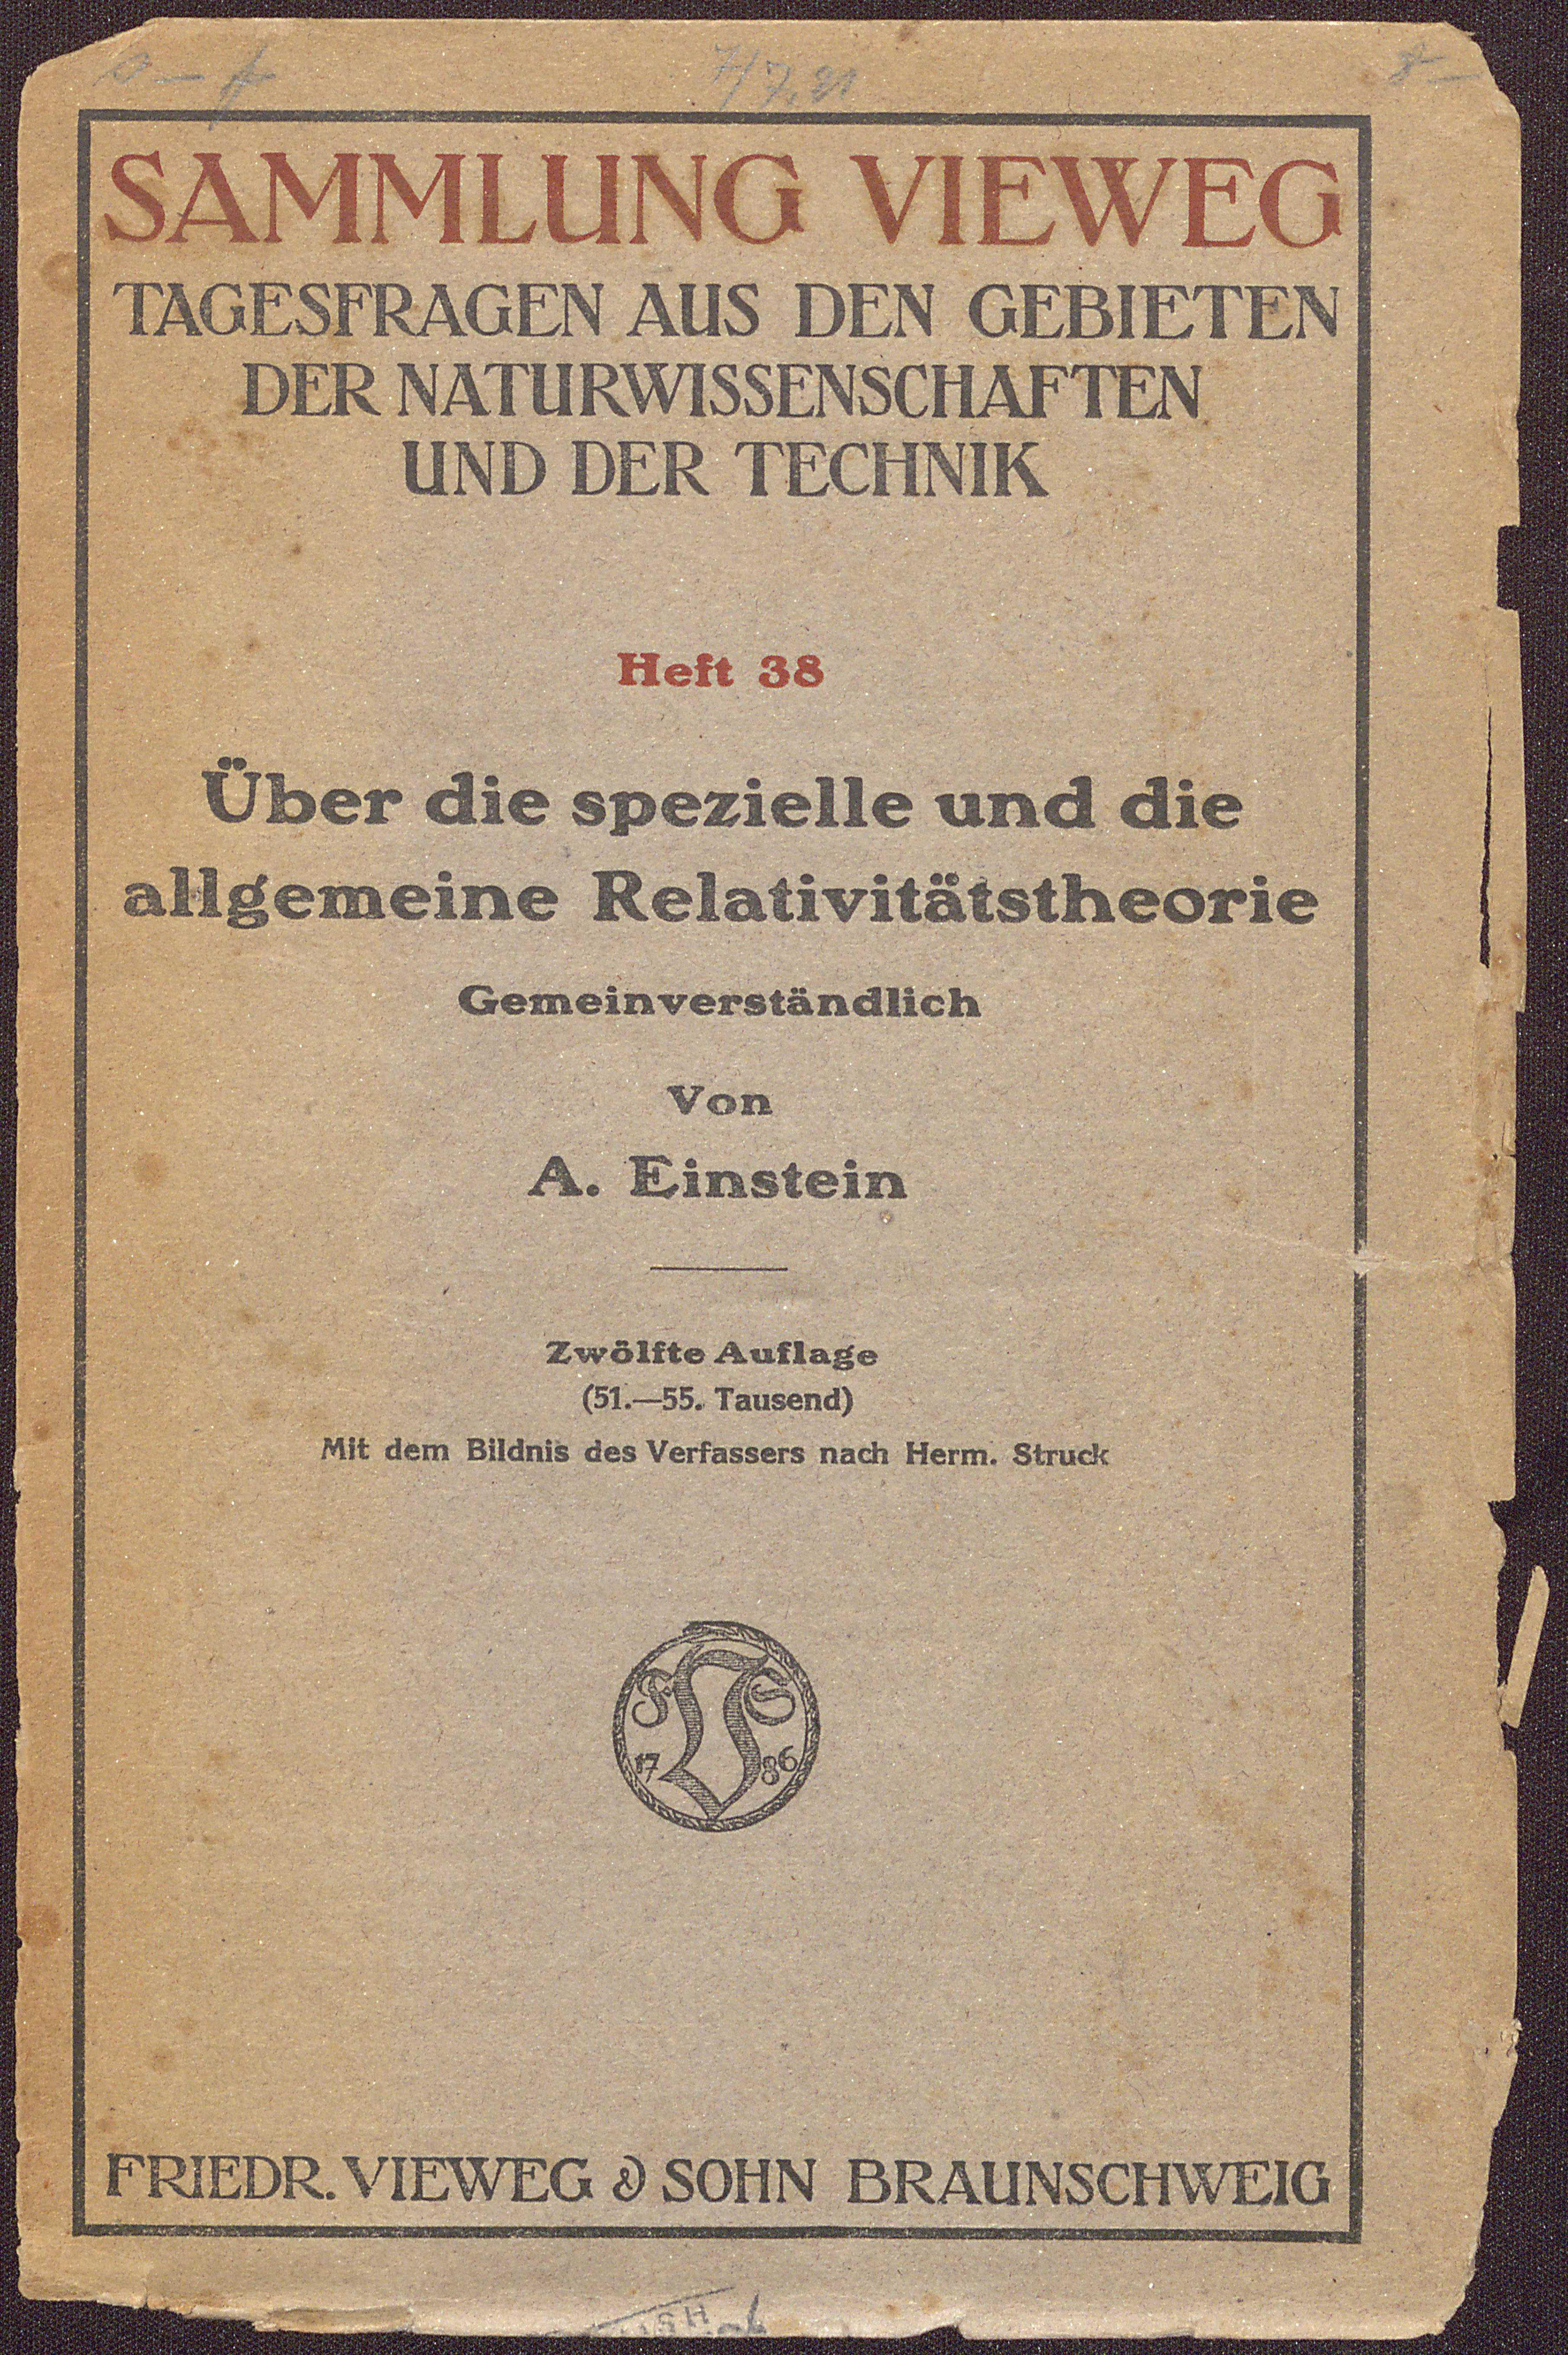 Albert Einstein's Über die Spezielle und die Allegemeine Relativitätstheorie